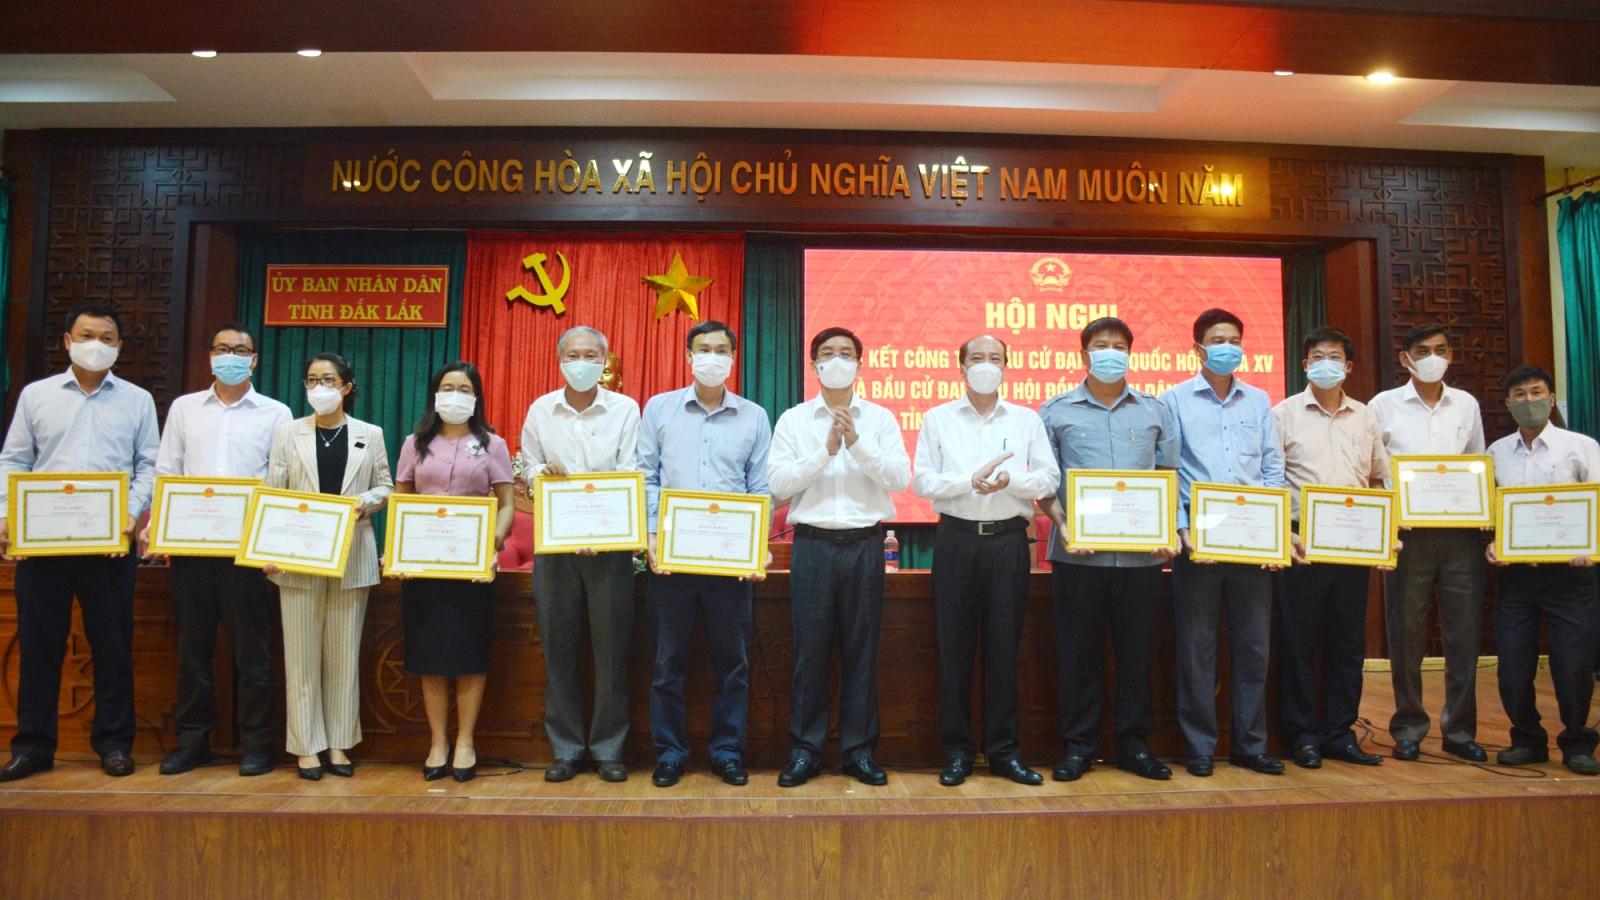 Đắk Lắk tổng kết công tác bầu cử đại biểu Quốc hội và HĐND các cấp